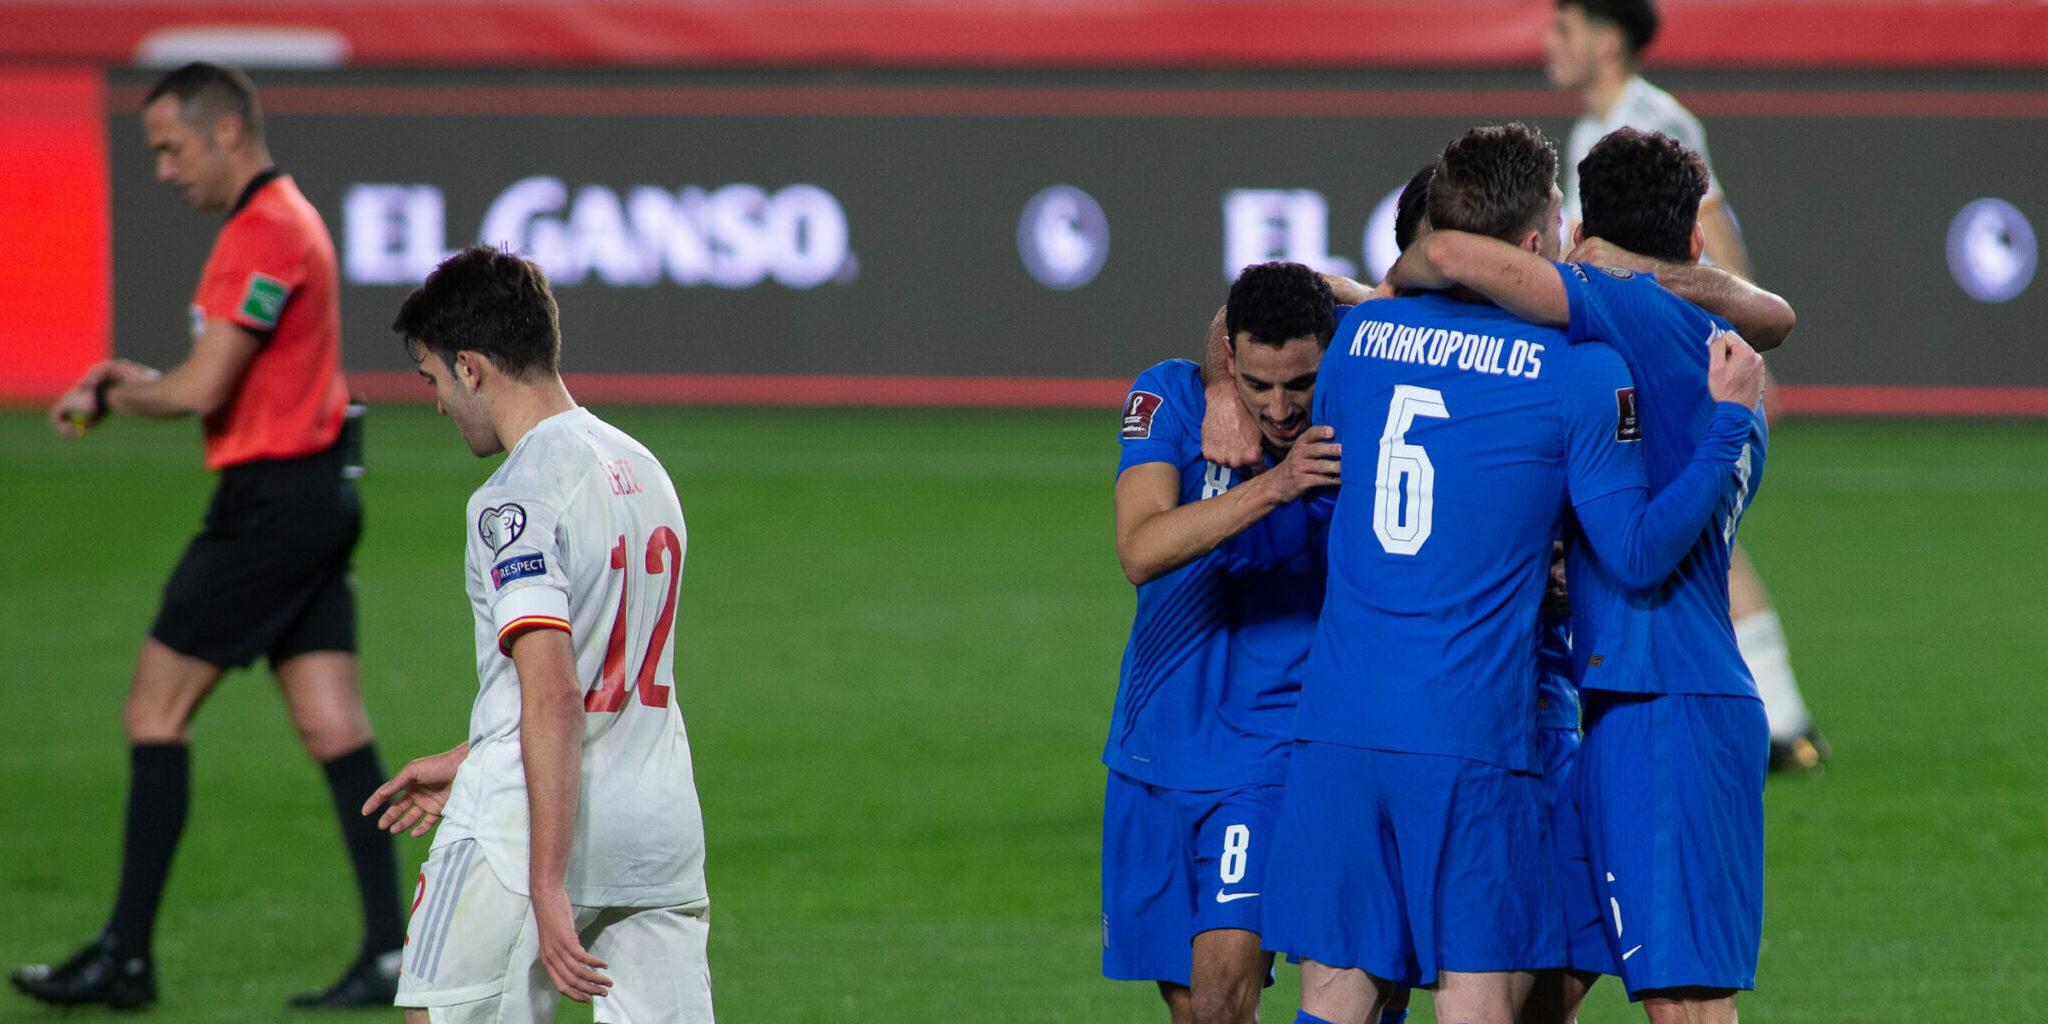 Grècia celebra el gol contra la selecció espanyola   Europa Press